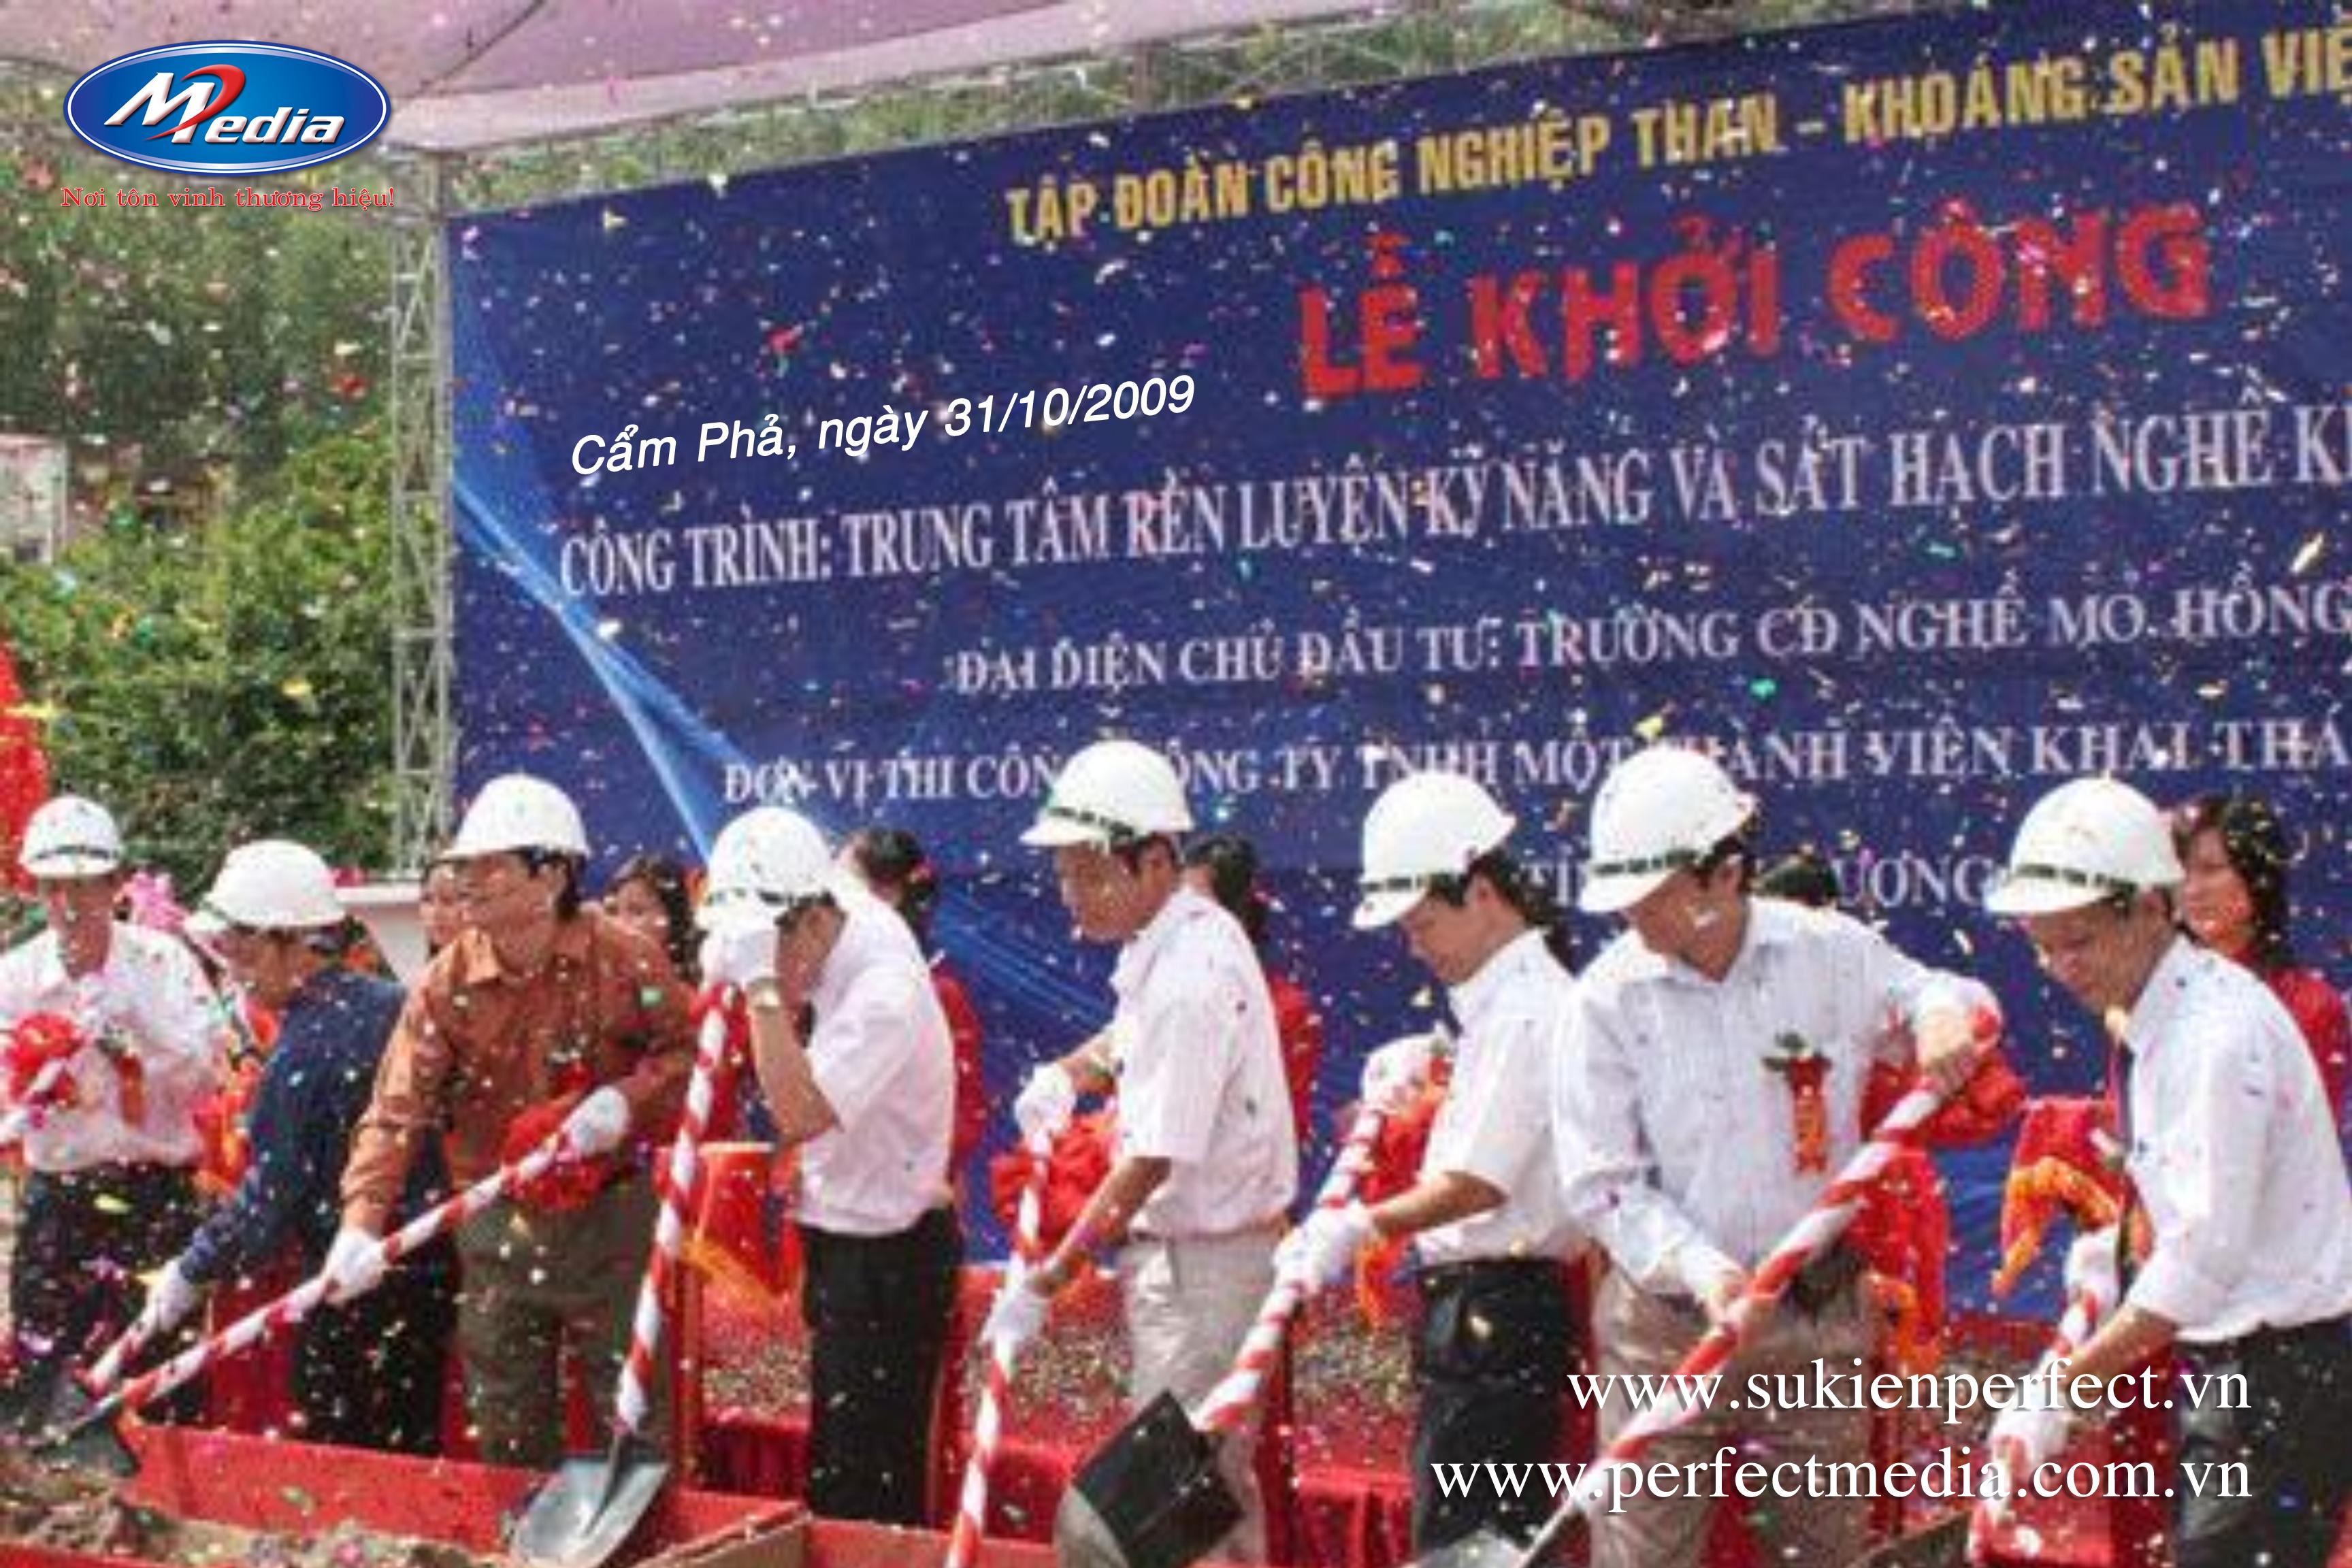 Perfect Media lần đầu tiên tổ chức sự kiện tại Quảng Ninh vào ngày 31 tháng 10 năm 2009